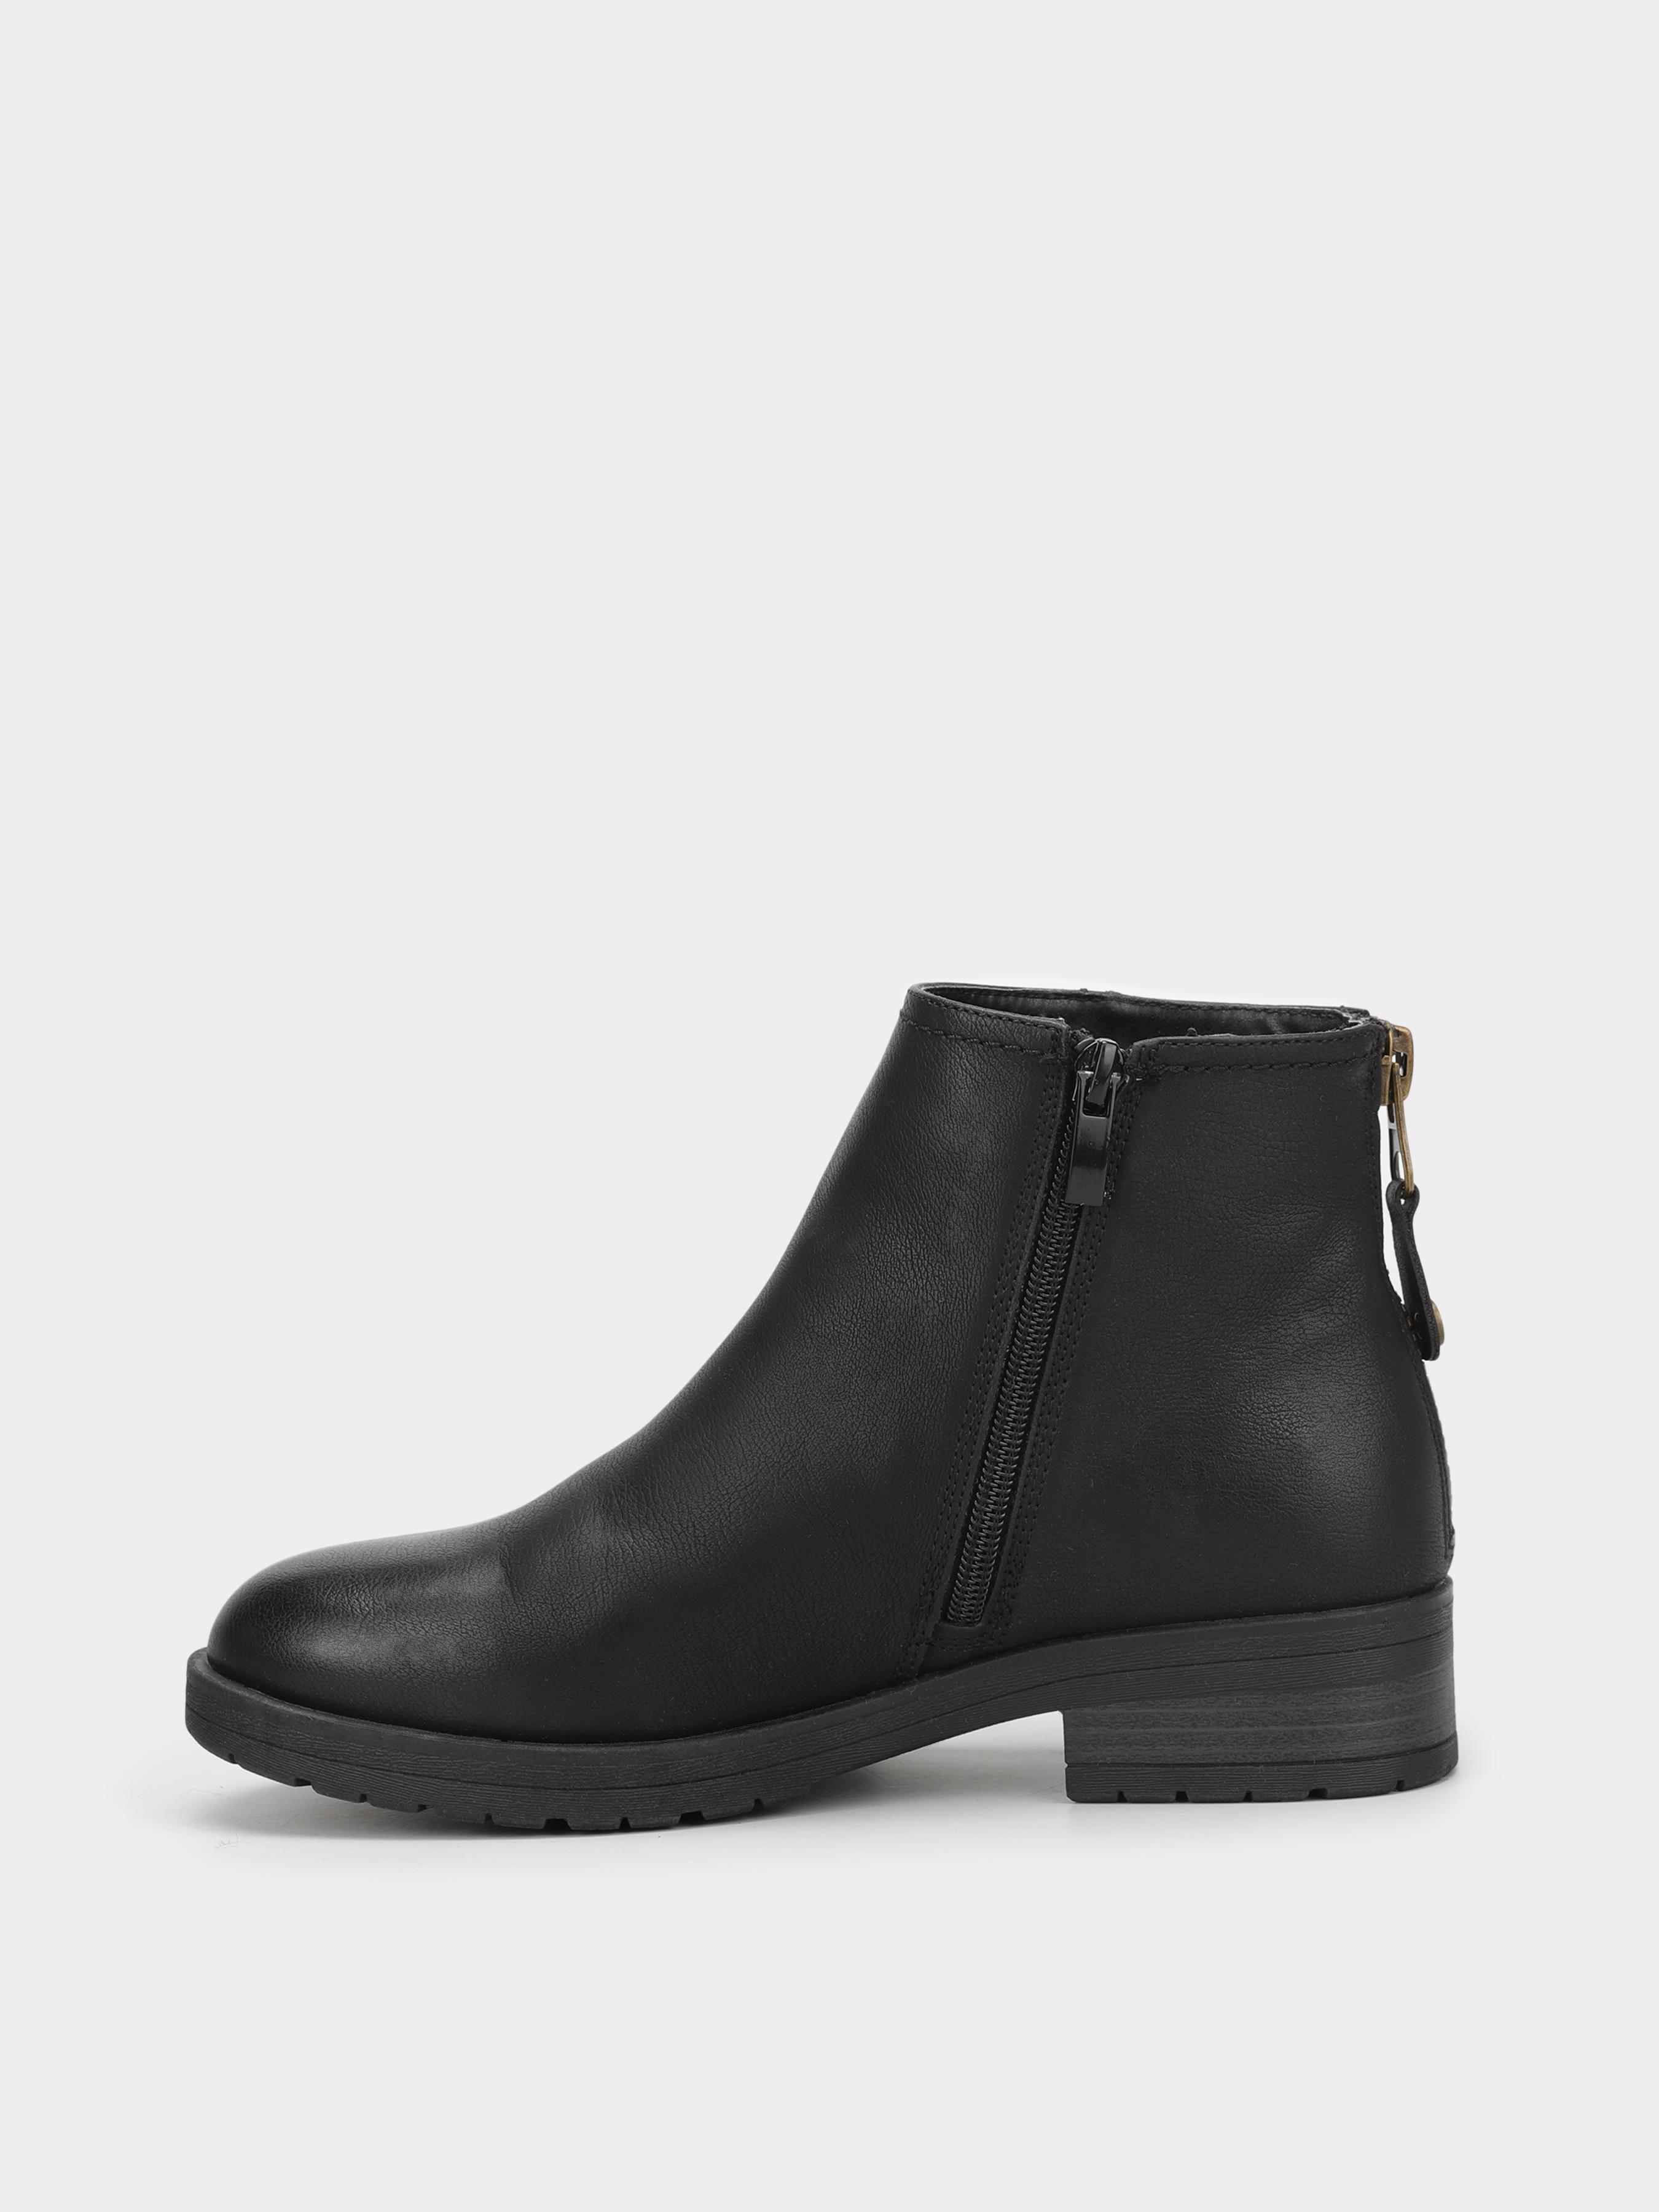 Ботинки для женщин M Wone OI152 брендовые, 2017